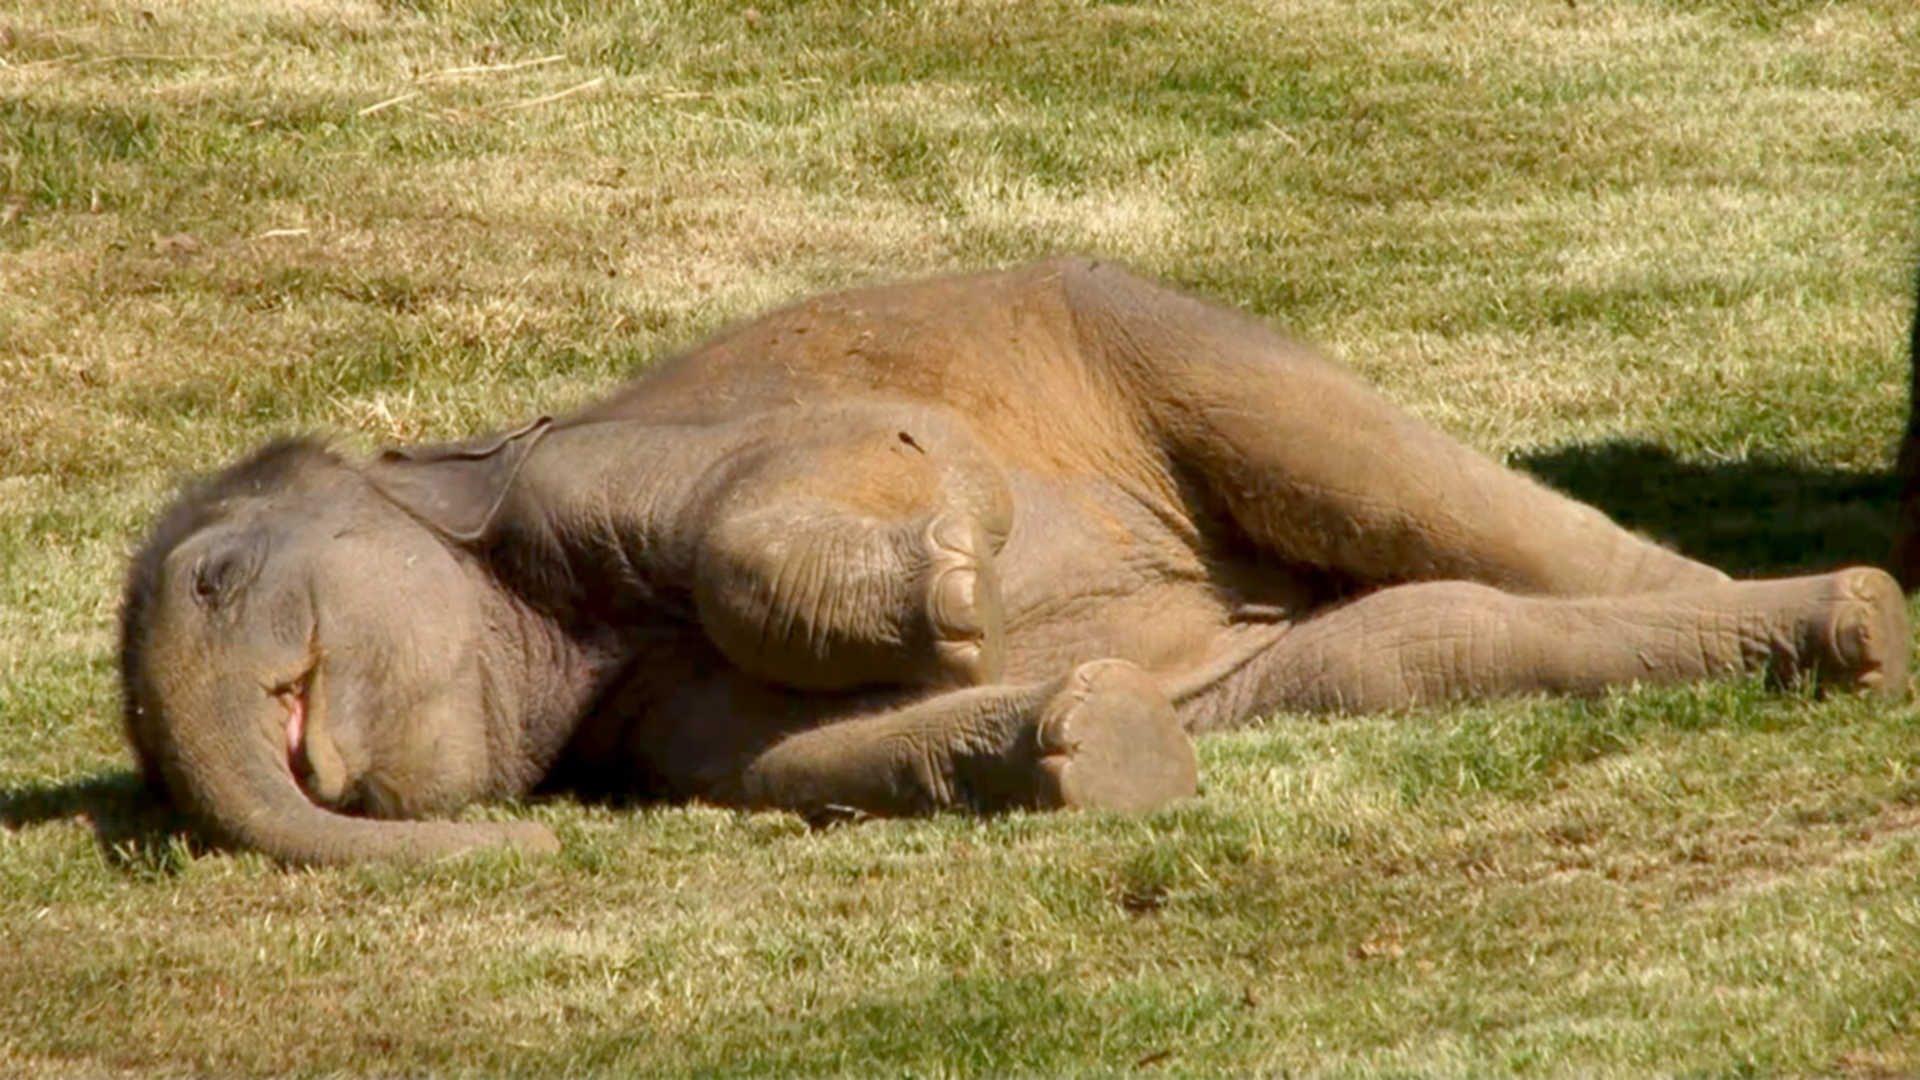 Napi két óra alvással beérhetik a vadon élő elefántok